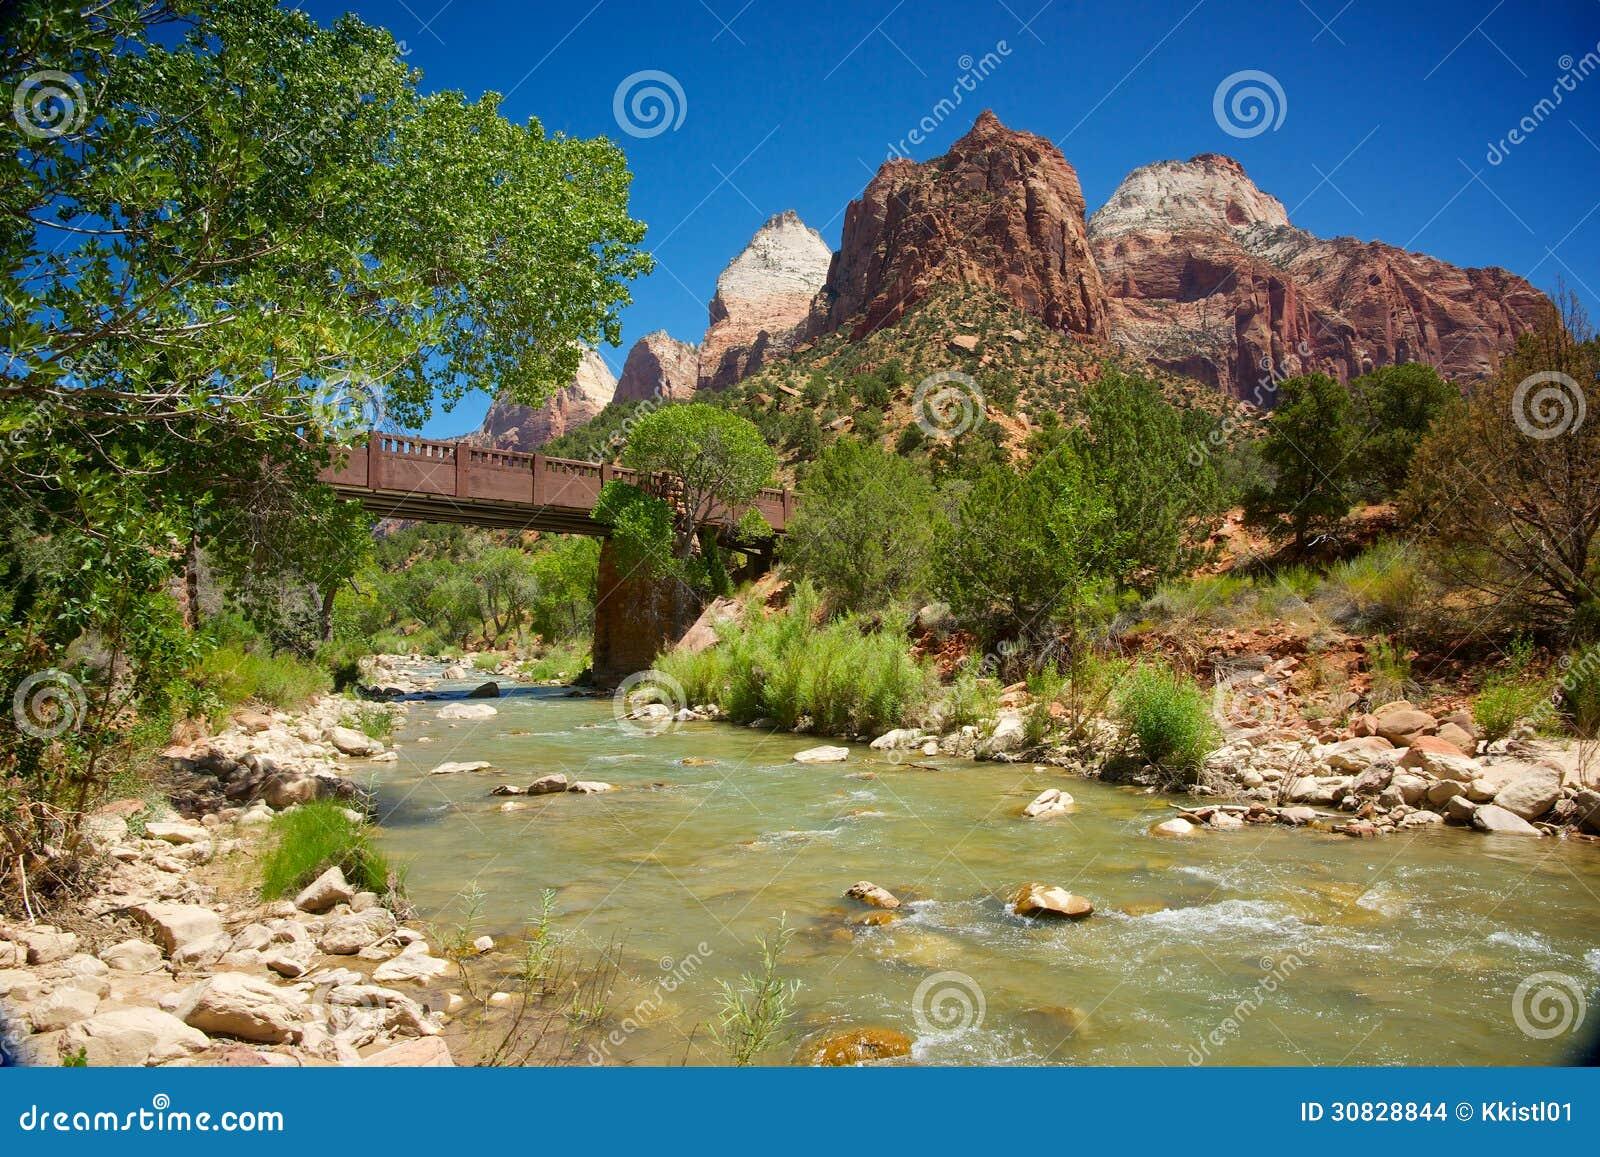 Il fiume vergine di Zion National Park